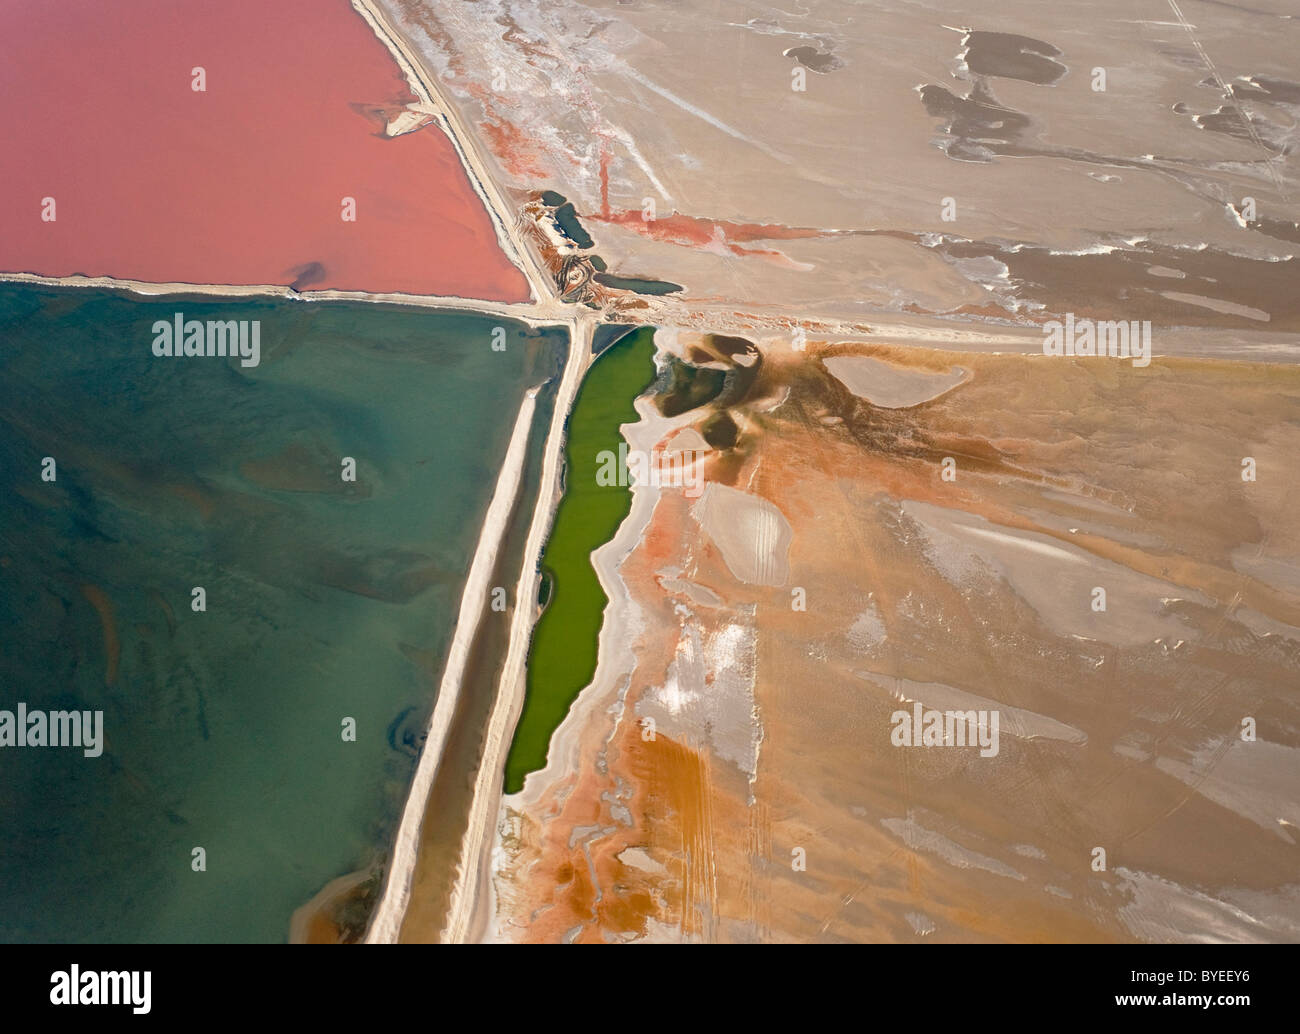 Vue aérienne de l'eau salée au sel fonctionne de Walvis Bay entre le désert du Namib et l'océan Photo Stock